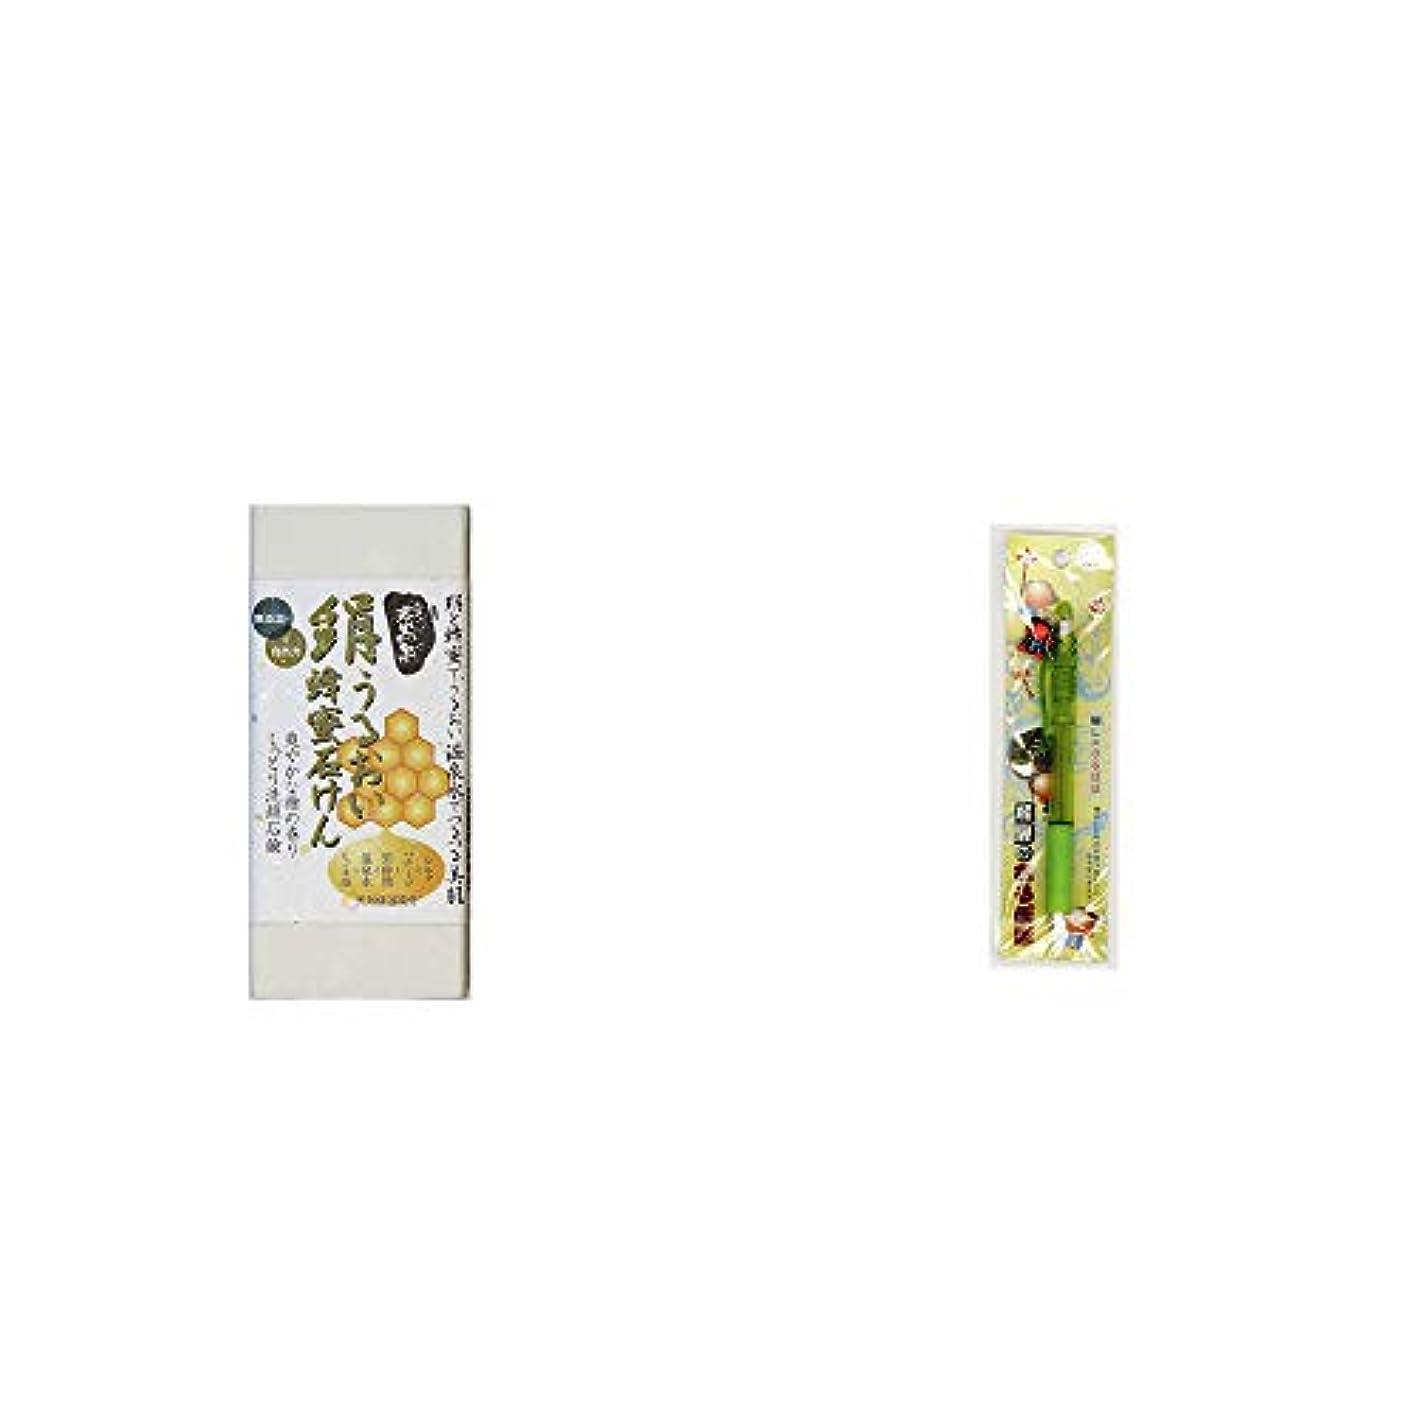 しっとり系譜ベル[2点セット] ひのき炭黒泉 絹うるおい蜂蜜石けん(75g×2)?さるぼぼ 癒しシャープペン 【グリーン】